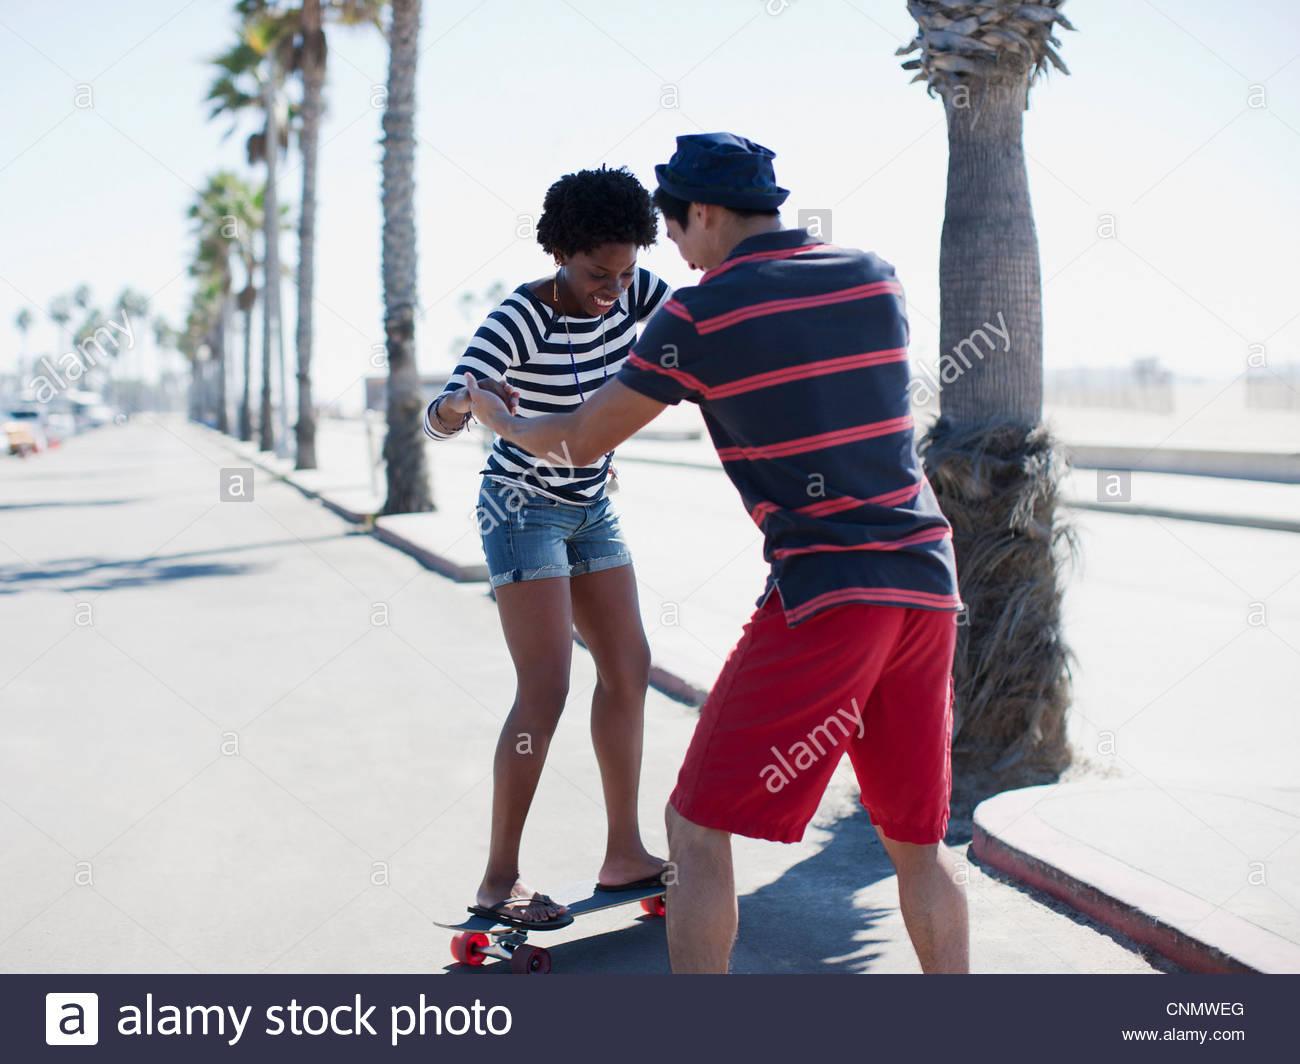 L'enseignement de l'homme petite amie à skateboard Photo Stock